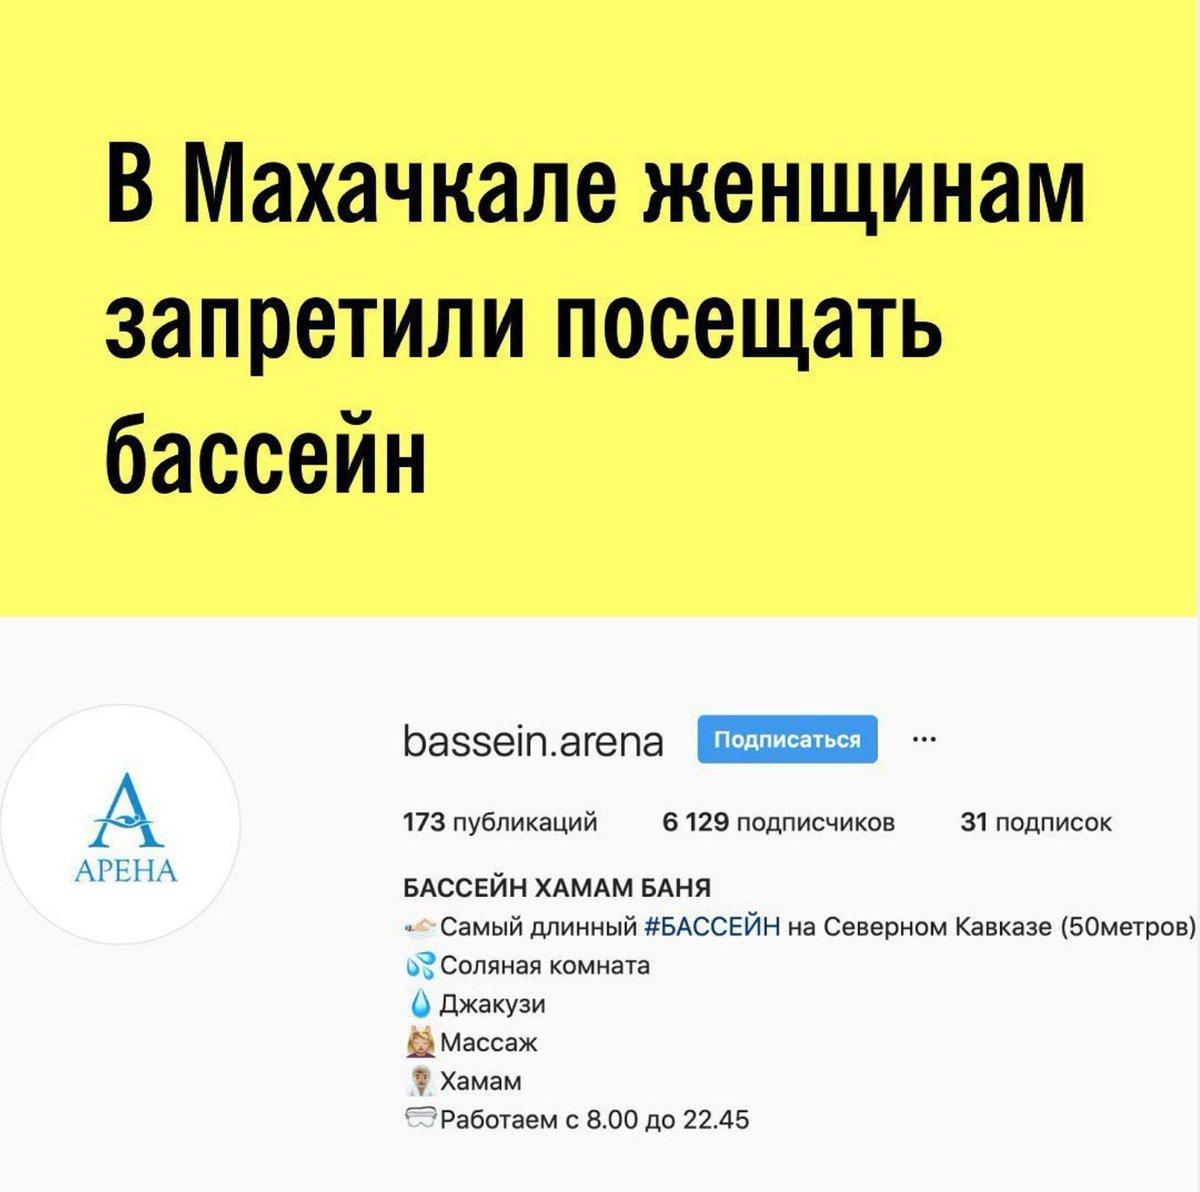 В Махачкале менеджмент «самого длинного бассейна на Северном Кавказе» Bassein Arena запретил посещение для женщин... Мы сразу не поверили, позвонили, и нас заверили, что женщинам в бассейн нельзя.   Мы считаем подобного рода дискриминацию недопустимой!